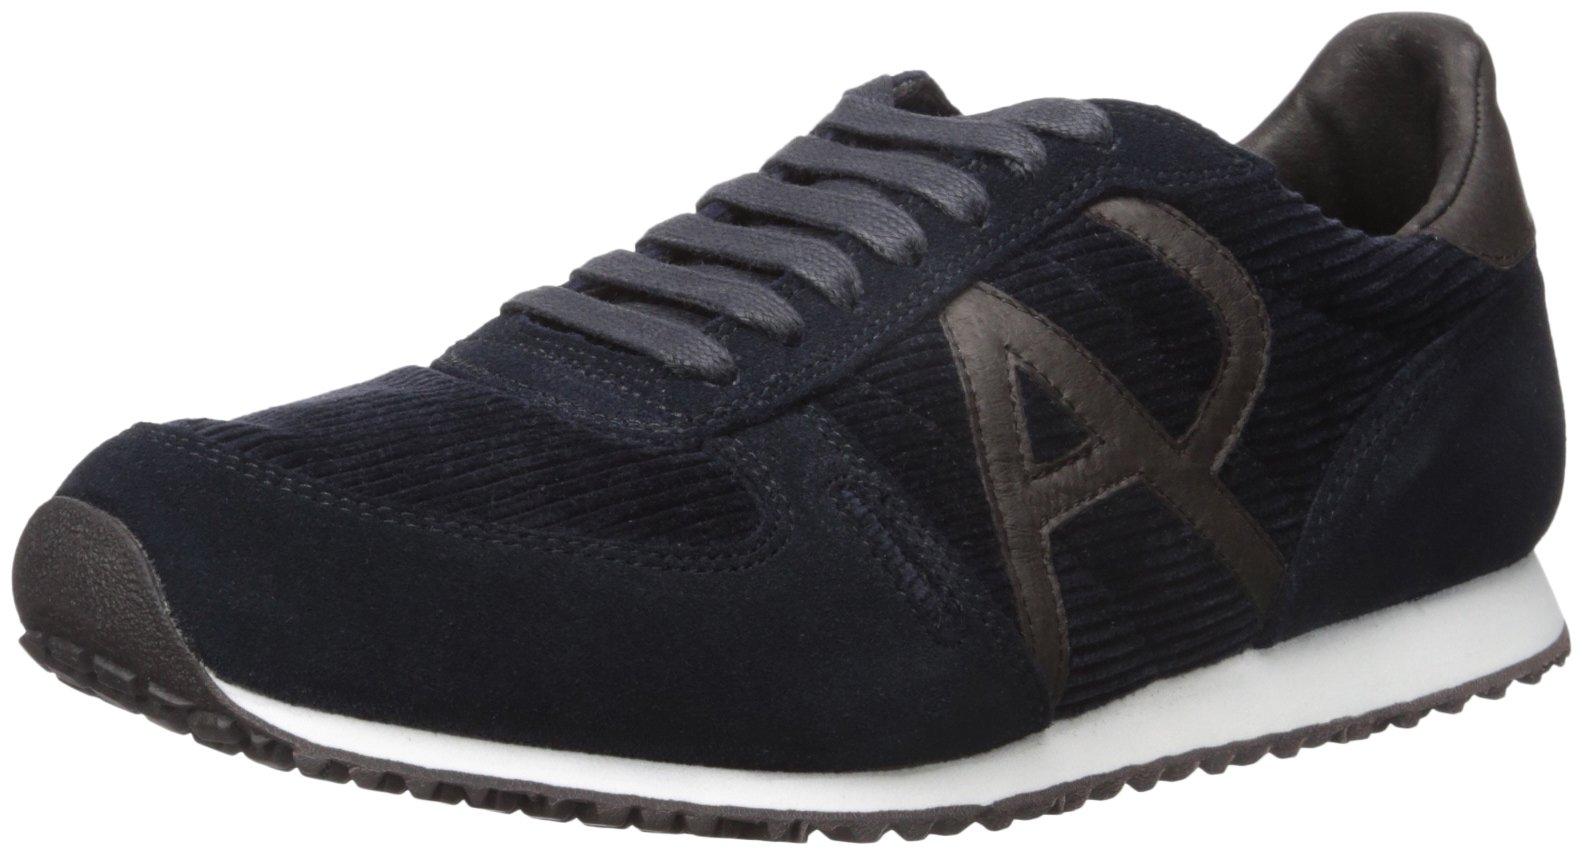 ARMANI JEANS Men's Courderoy Trainer Fashion Sneaker, Blue Graphite, 44 EU/9.5 M US